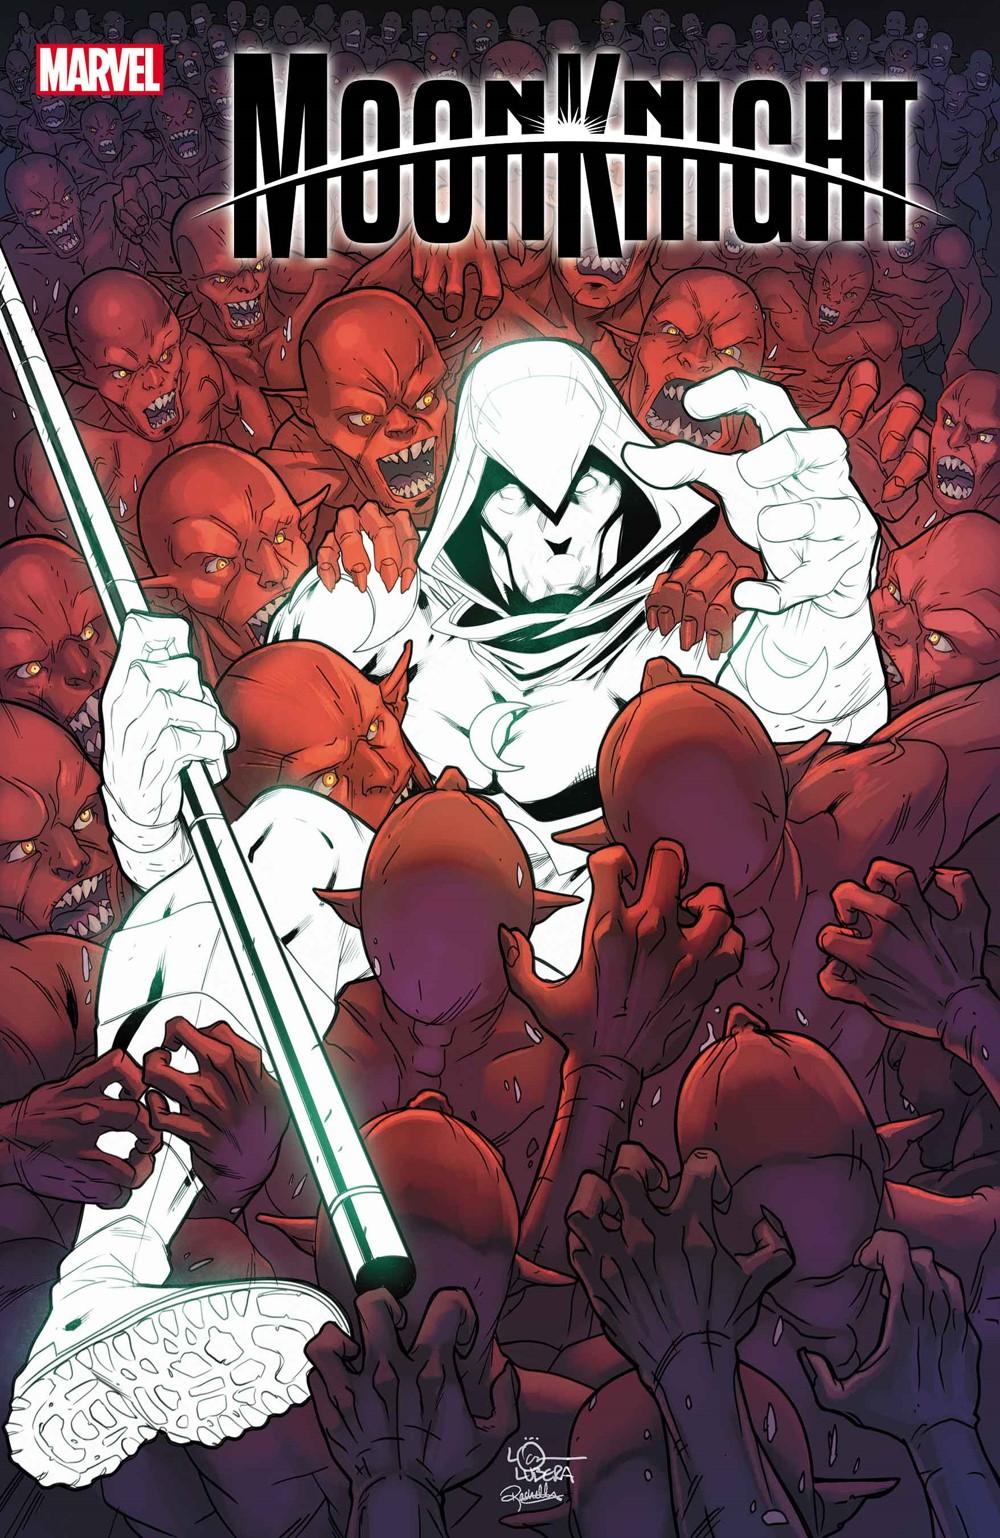 MOONKN2021006_Lubera-var Marvel Comics December 2021 Solicitations